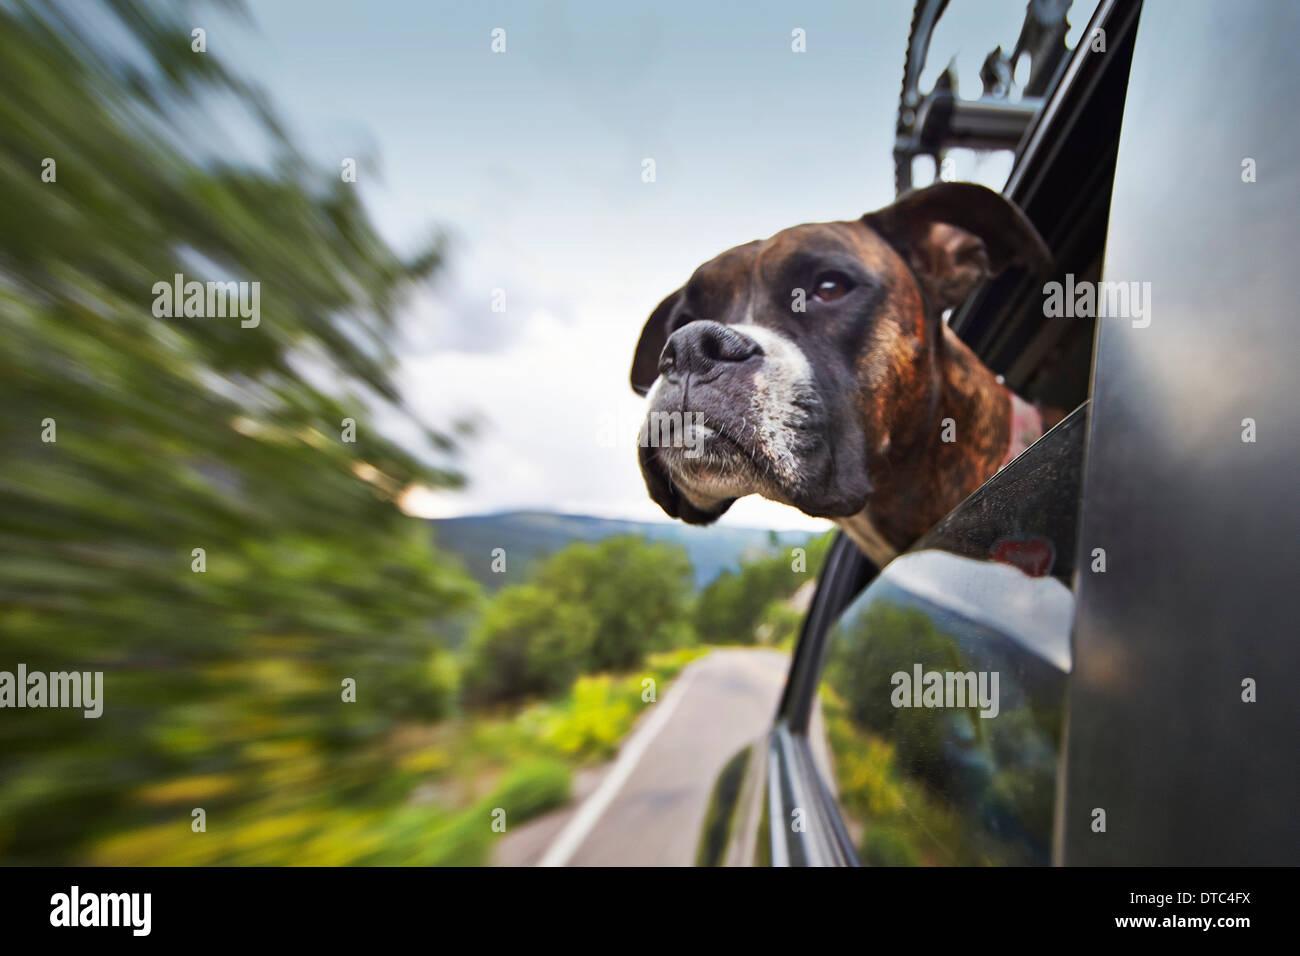 Chien à la fenêtre de la voiture hors de tout en en mouvement Photo Stock